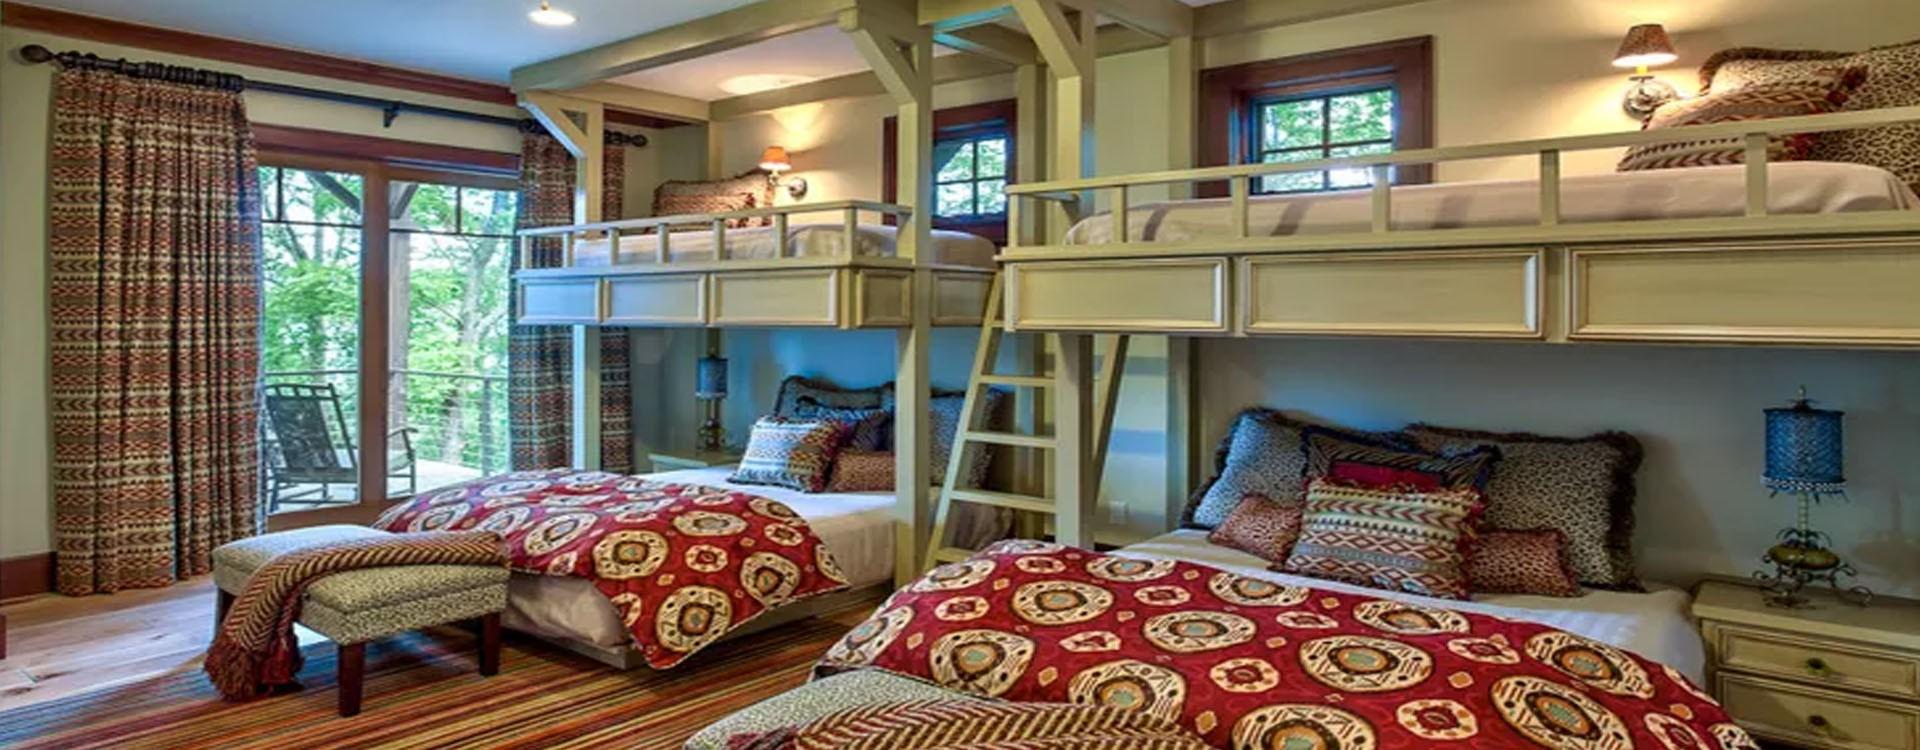 اتاقخواب زیبا در اقامتگاه کوهستانی